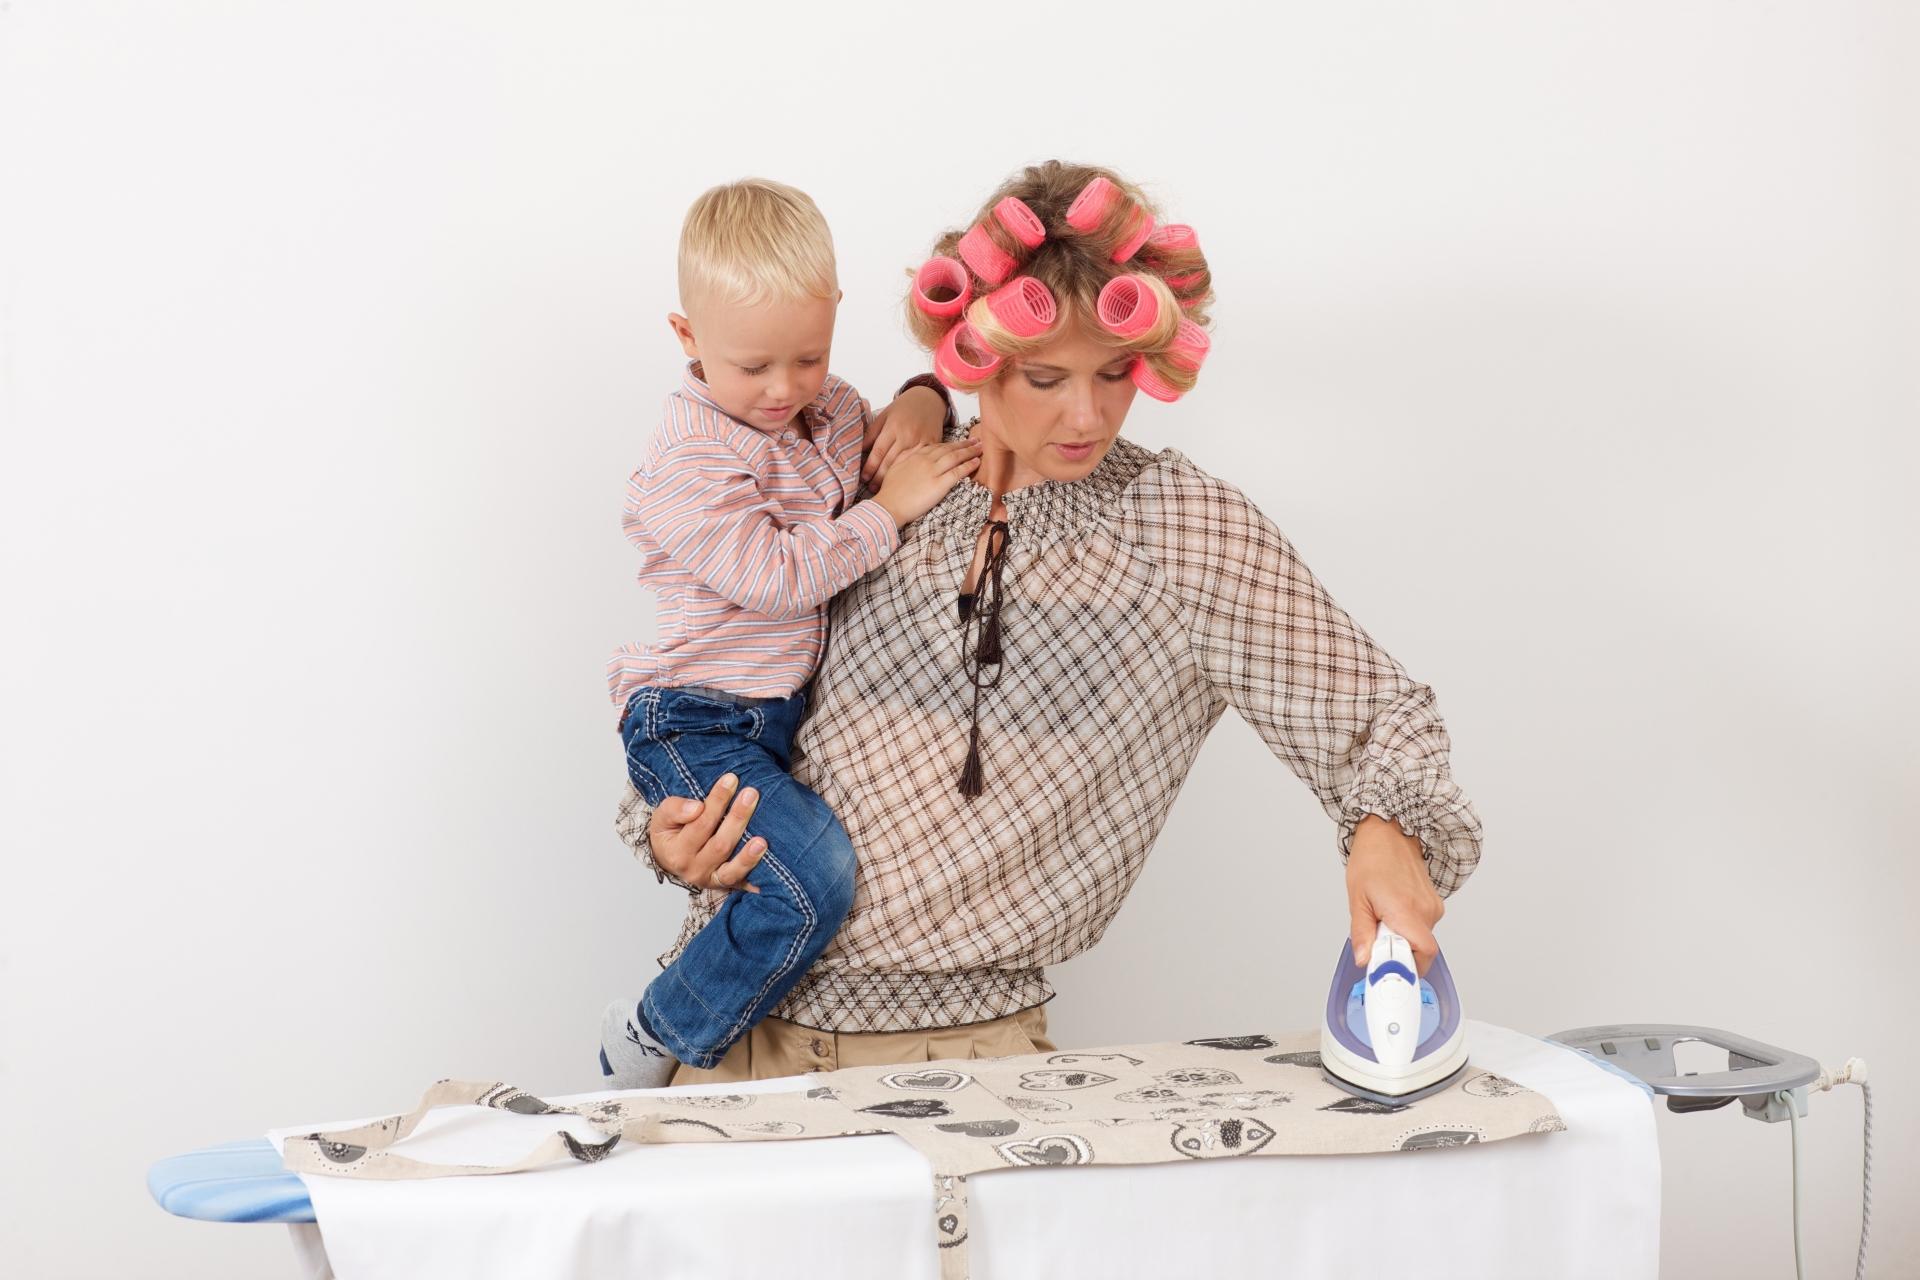 共働きでフルタイム勤務の子育ては可能?上手く乗り切るために考えるべき事。